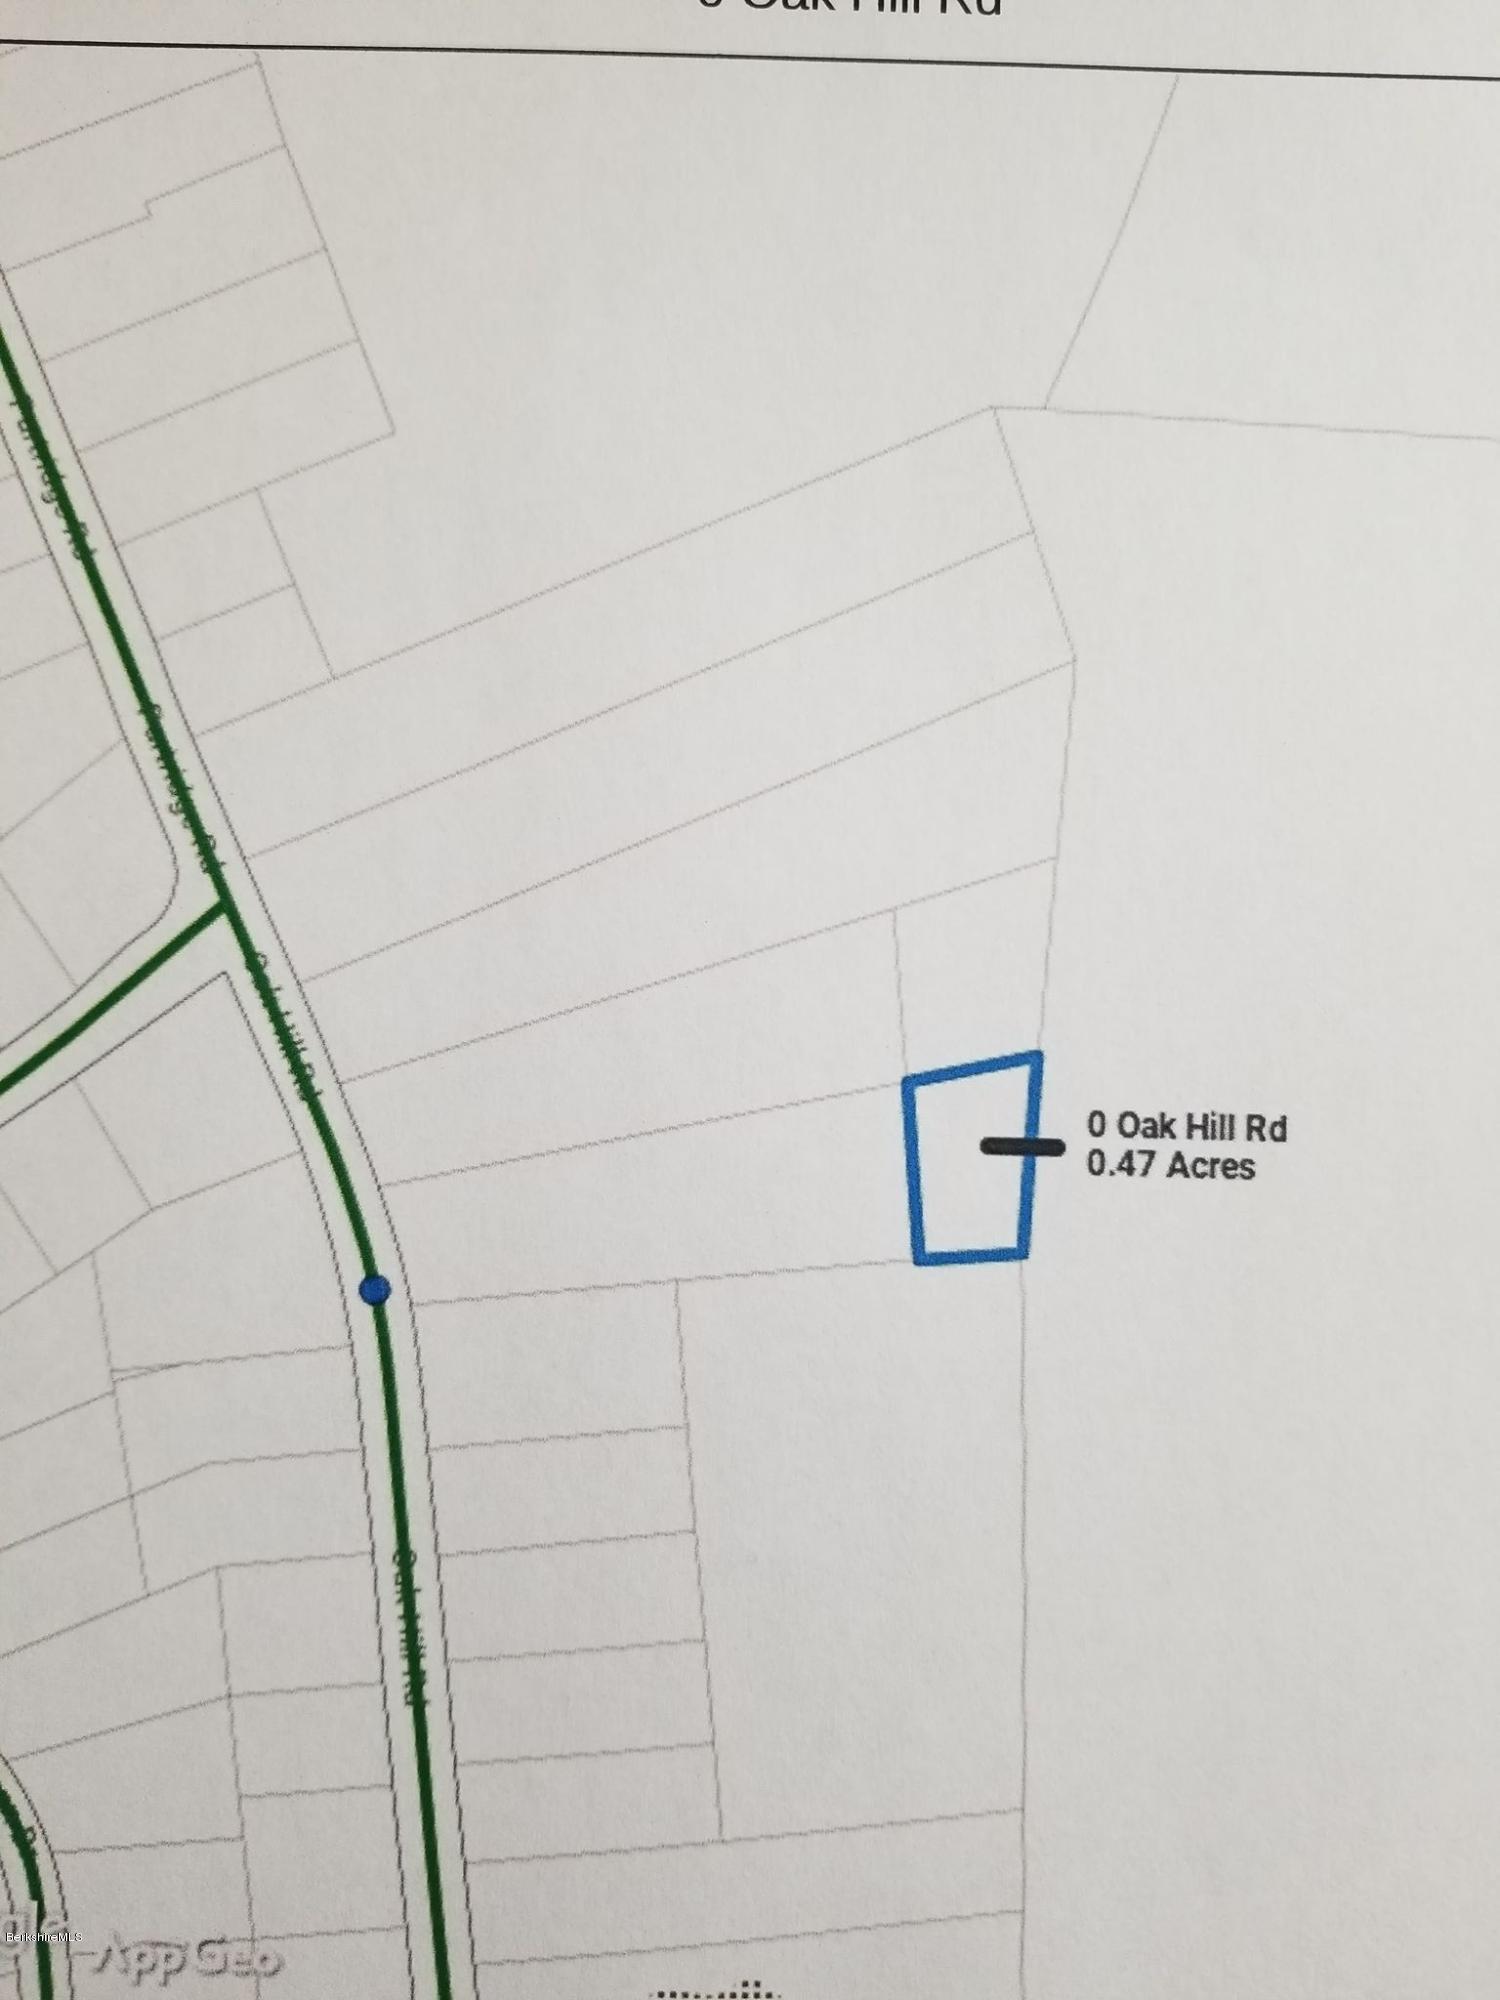 0 Oak Hill Rd Pittsfield MA 01201